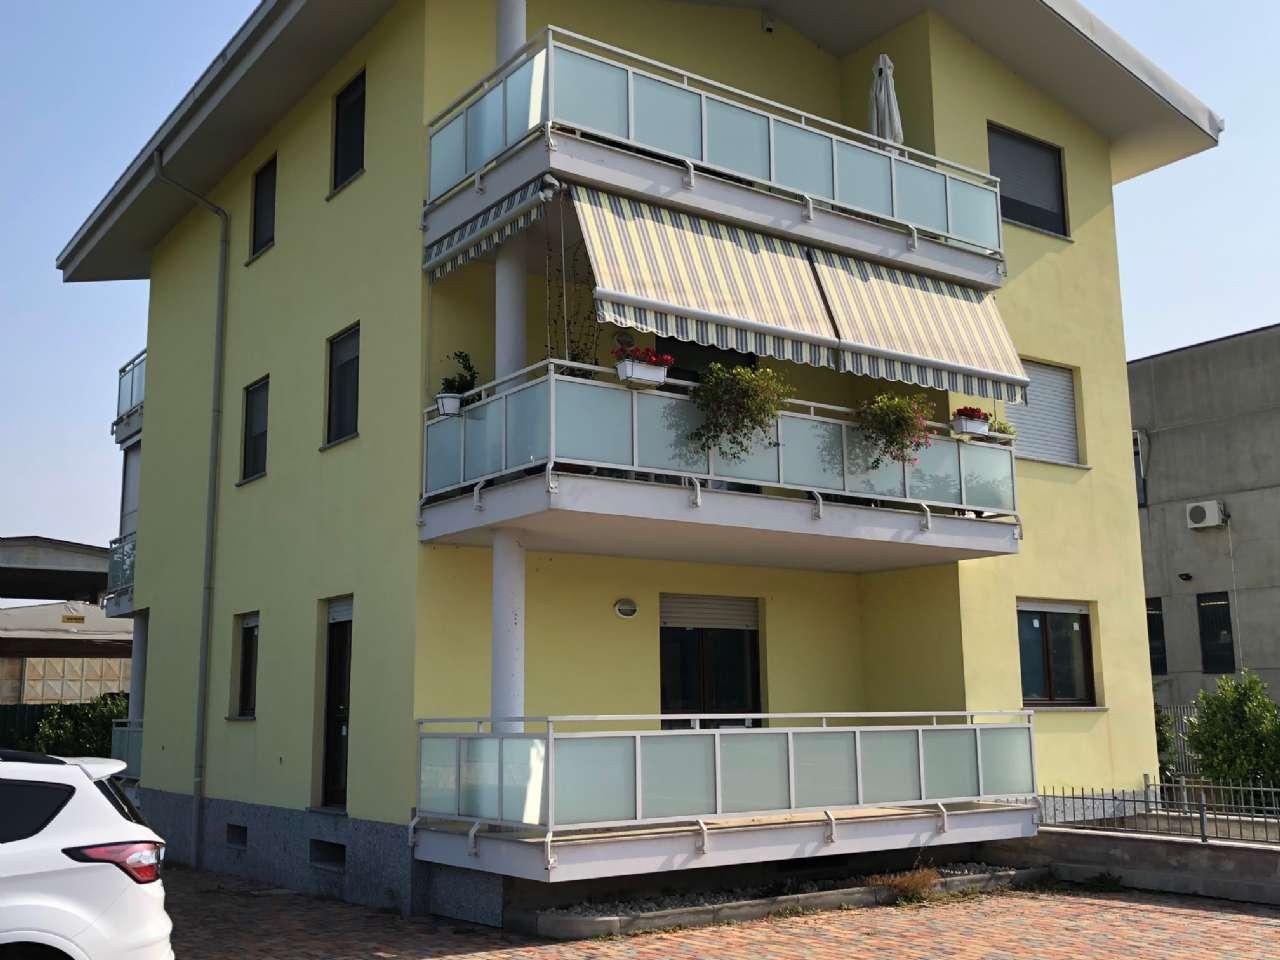 Magazzino in affitto a Rivalta di Torino, 1 locali, prezzo € 300 | PortaleAgenzieImmobiliari.it